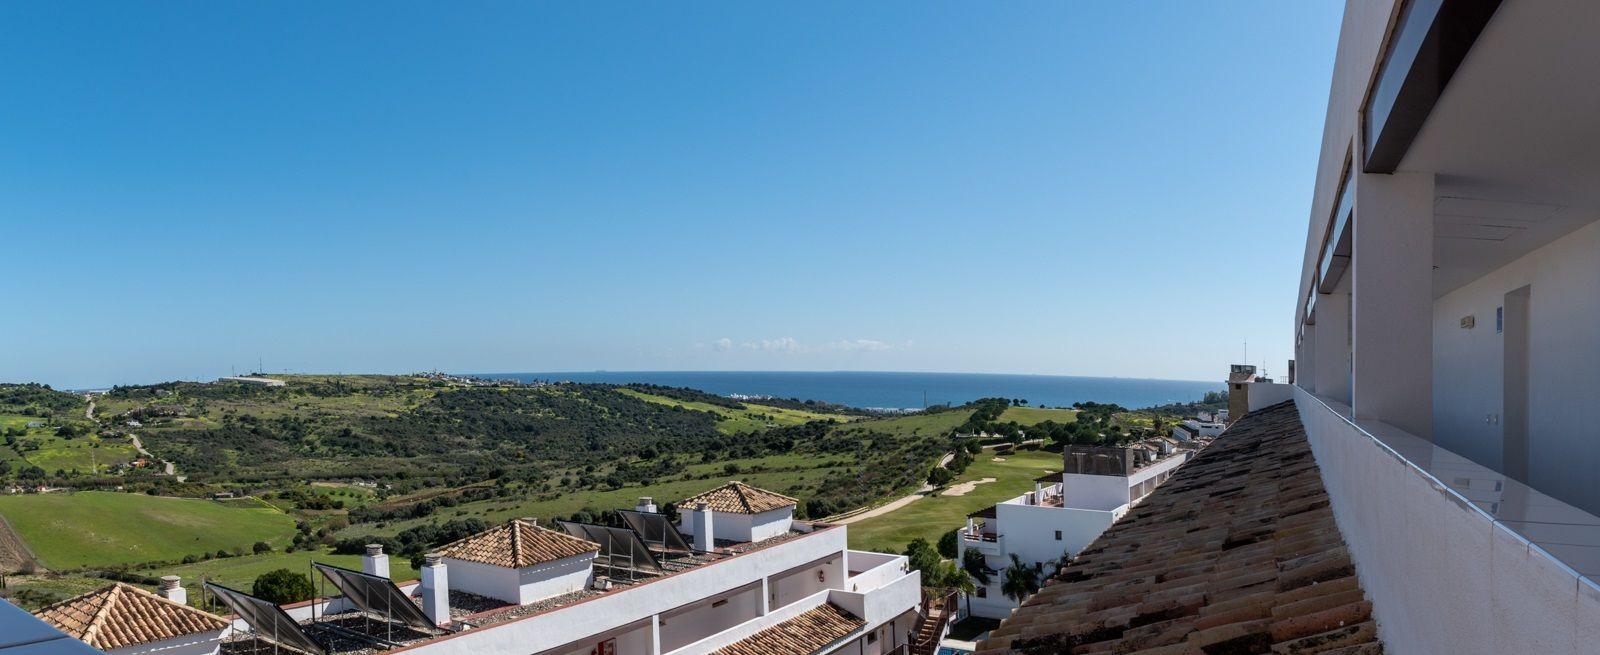 Apartamentos turísticos para inversión en Estepona